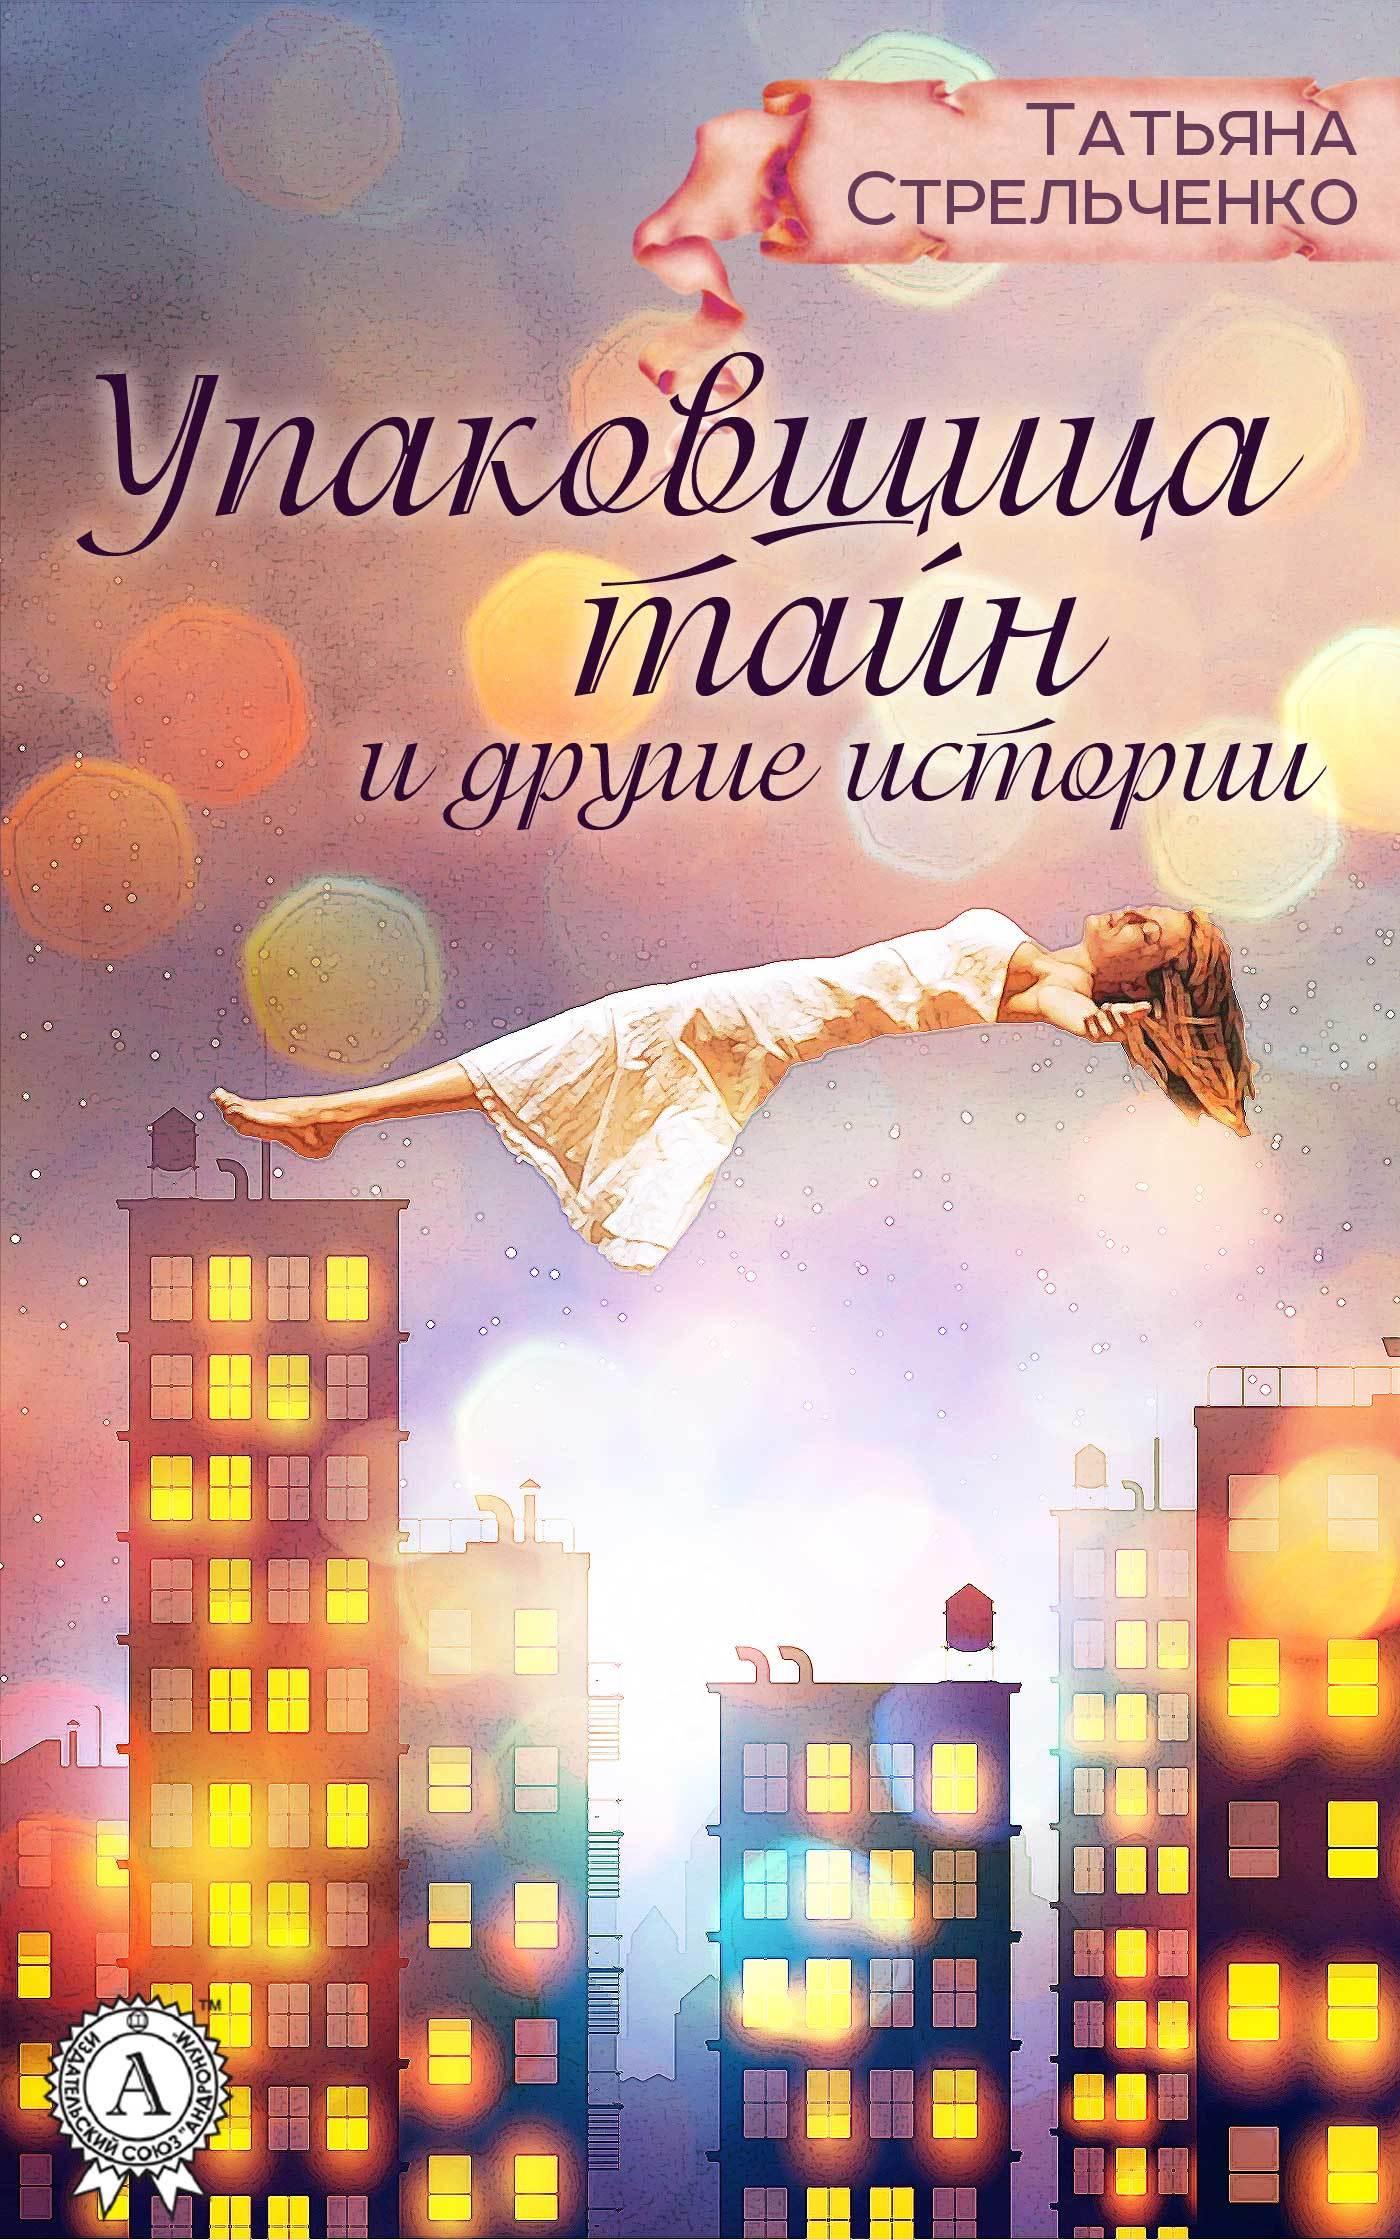 Татьяна Стрельченко бесплатно